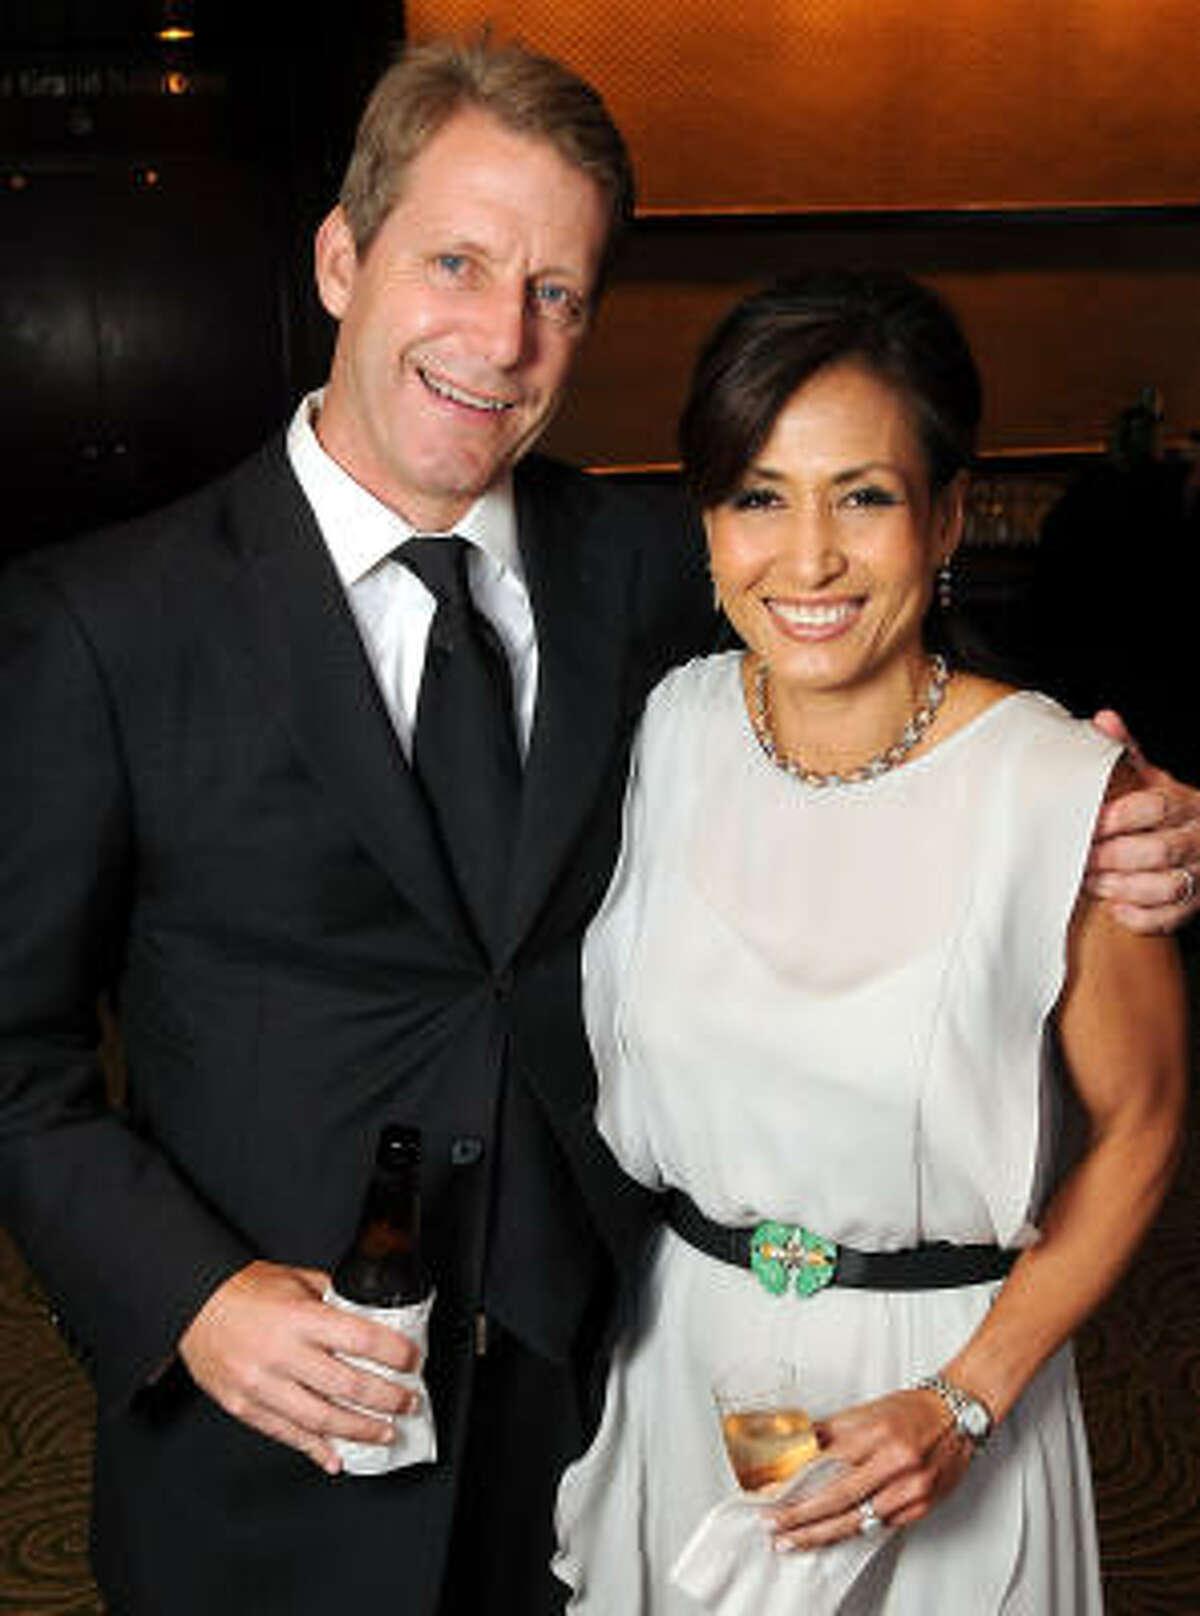 Tammie and Scott Brewer